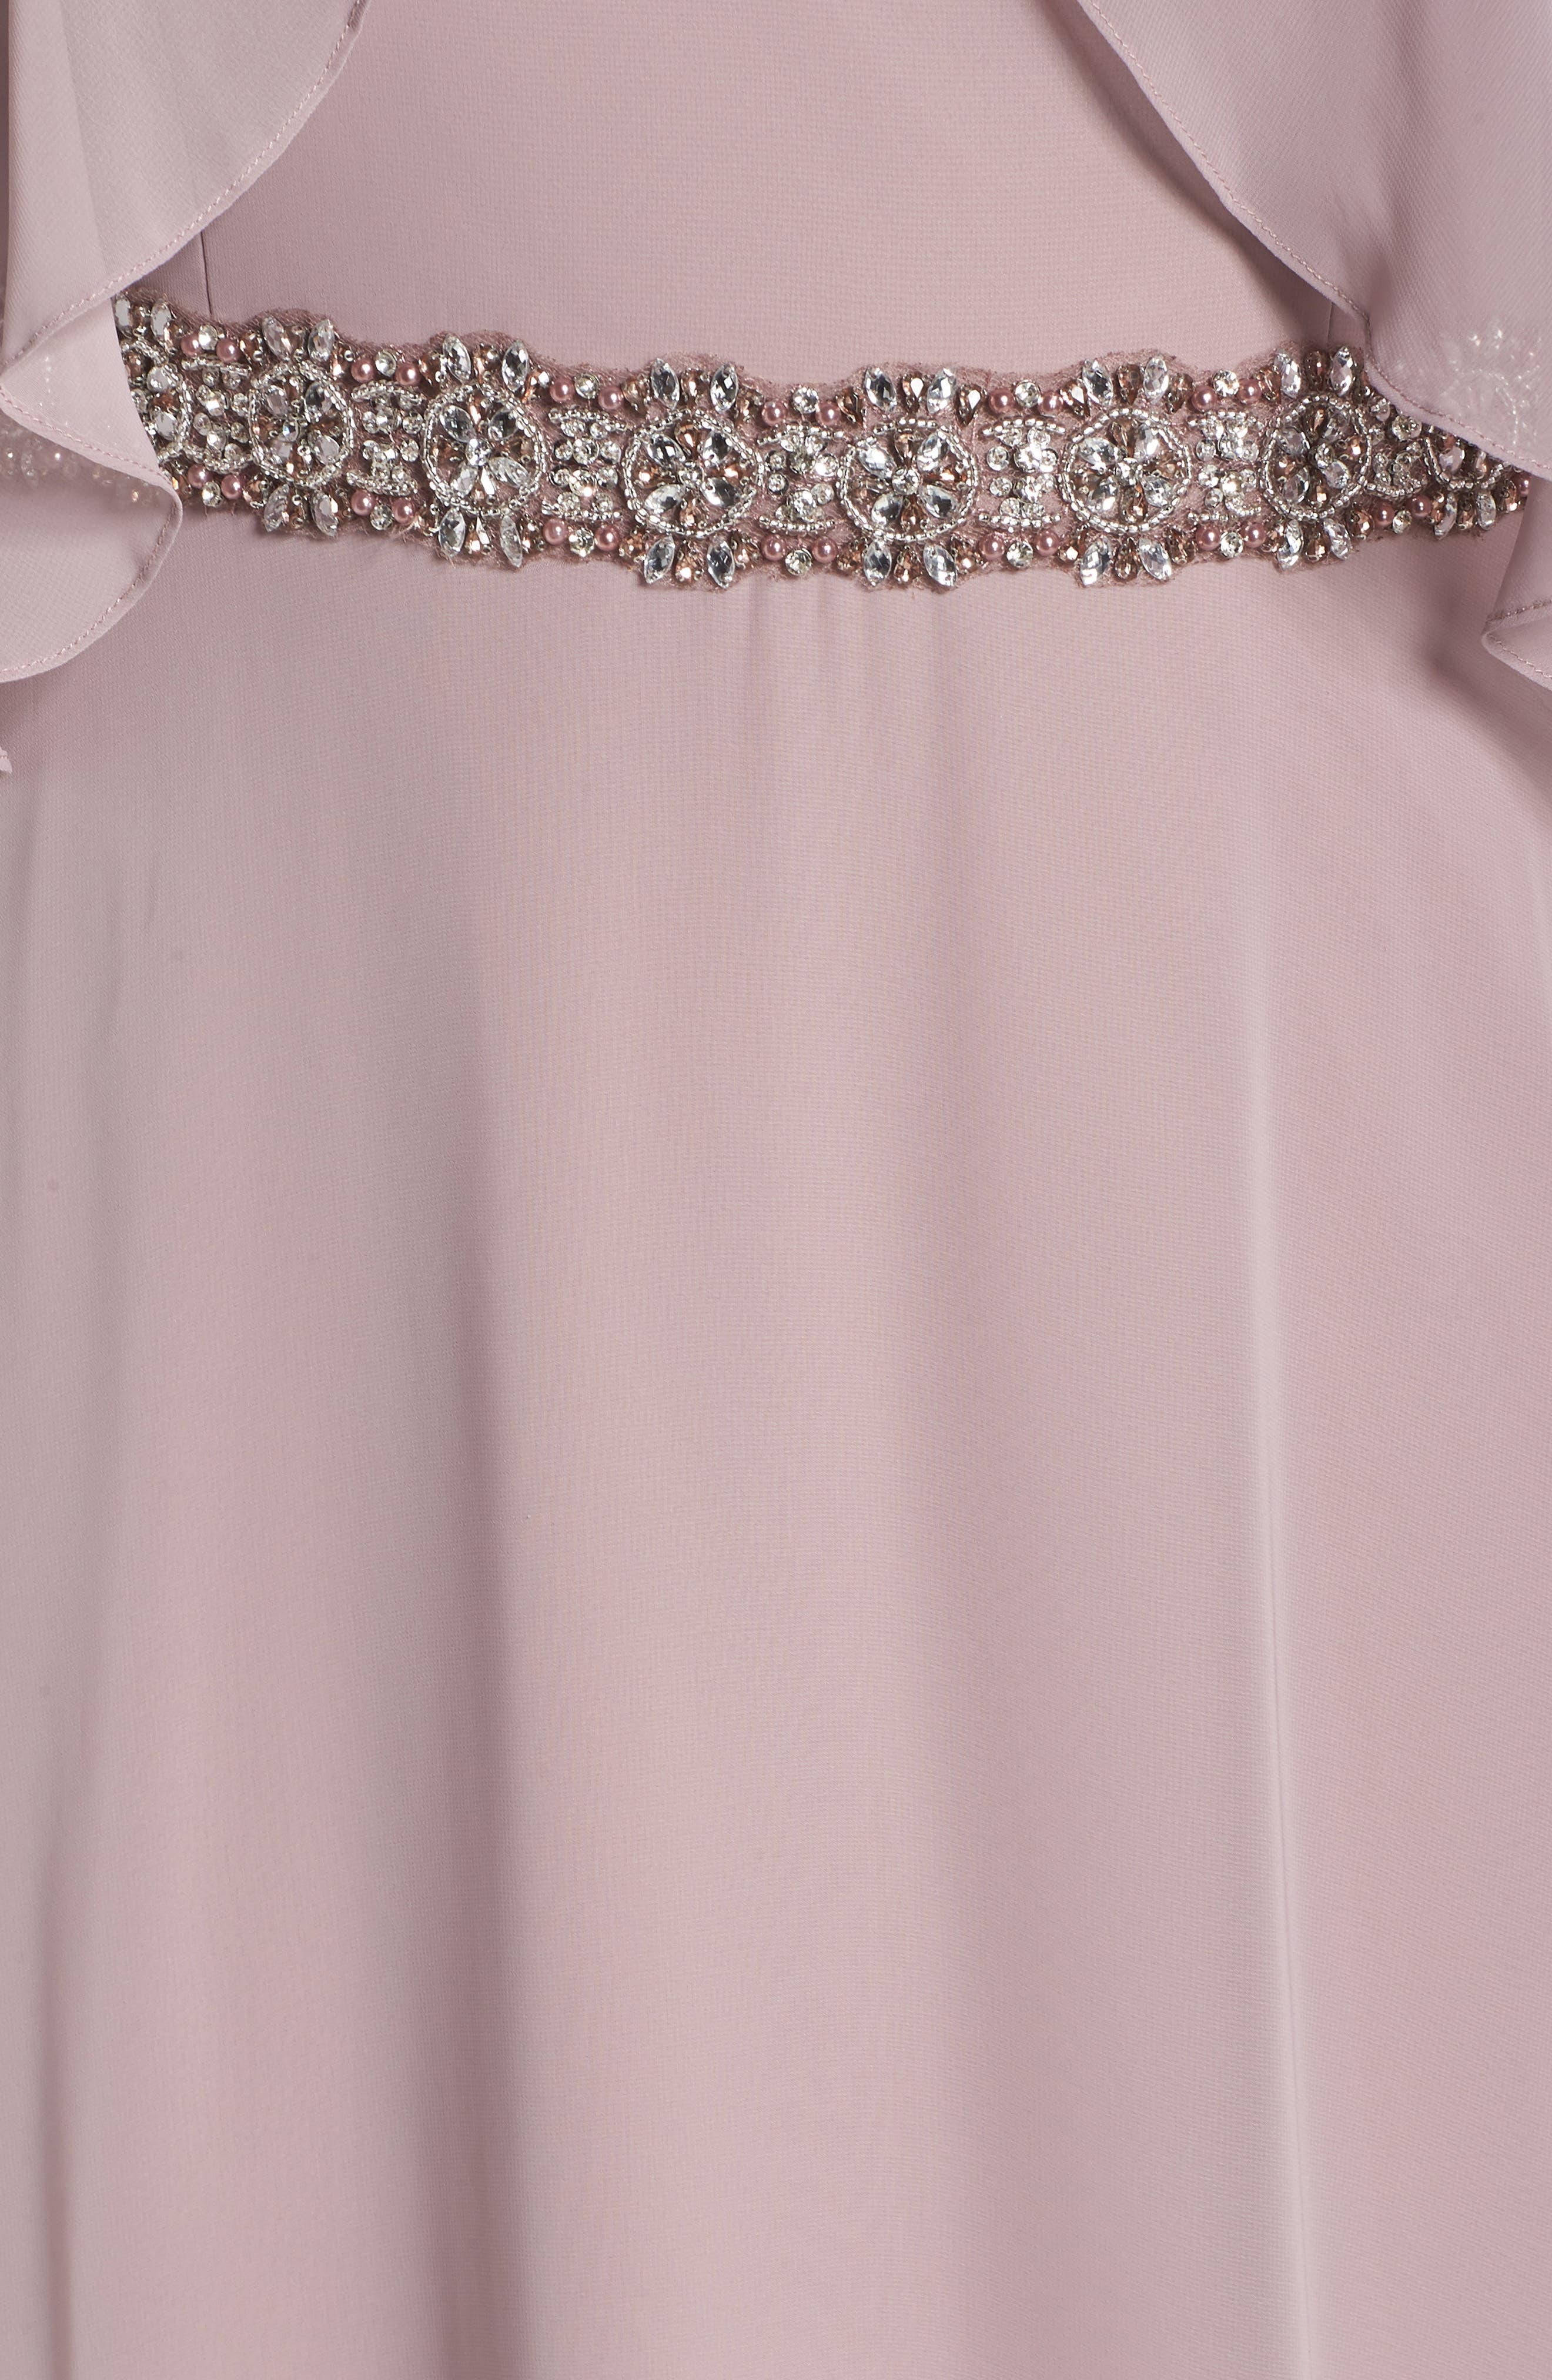 Embellished Waist Flutter Dress,                             Alternate thumbnail 6, color,                             680